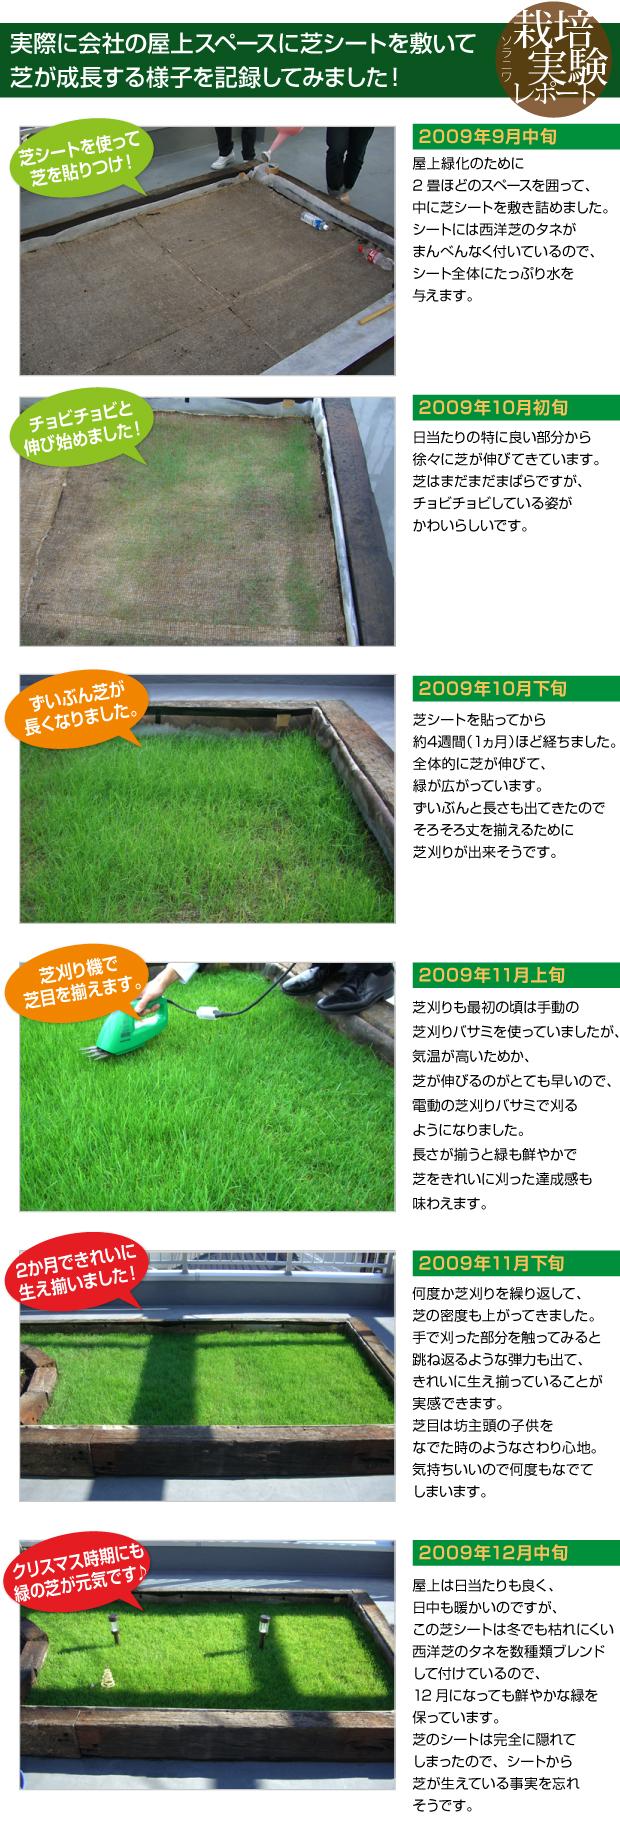 実際に会社の屋上スペースに西洋芝シートを敷いて芝が成長する様子を記録してみました!